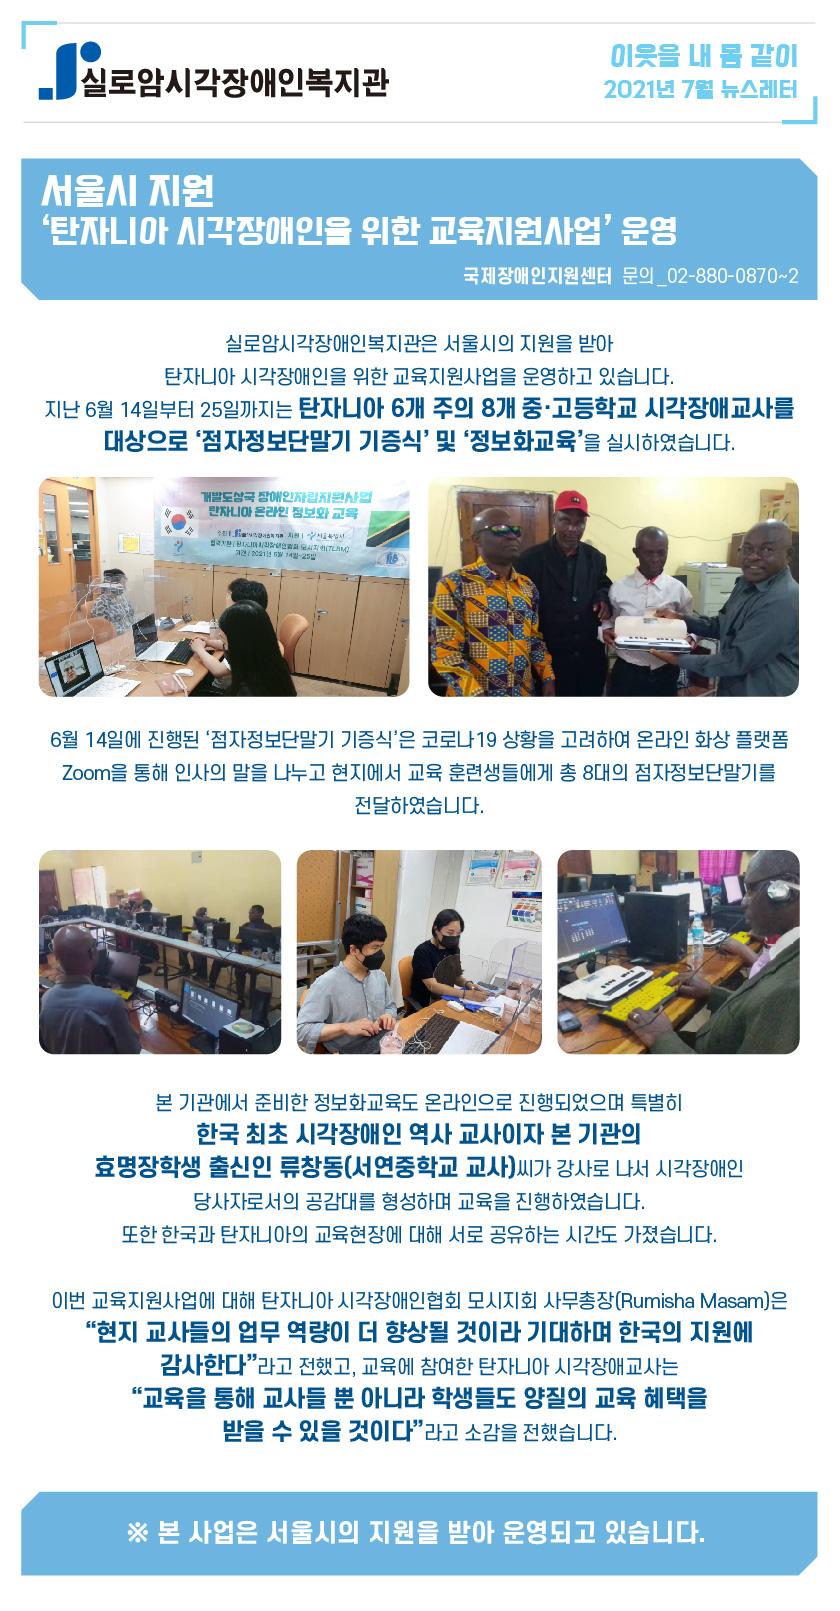 서울시 지원 '탄자니아 시각장애인을 위한 교육지원사업' 운영 썸네일